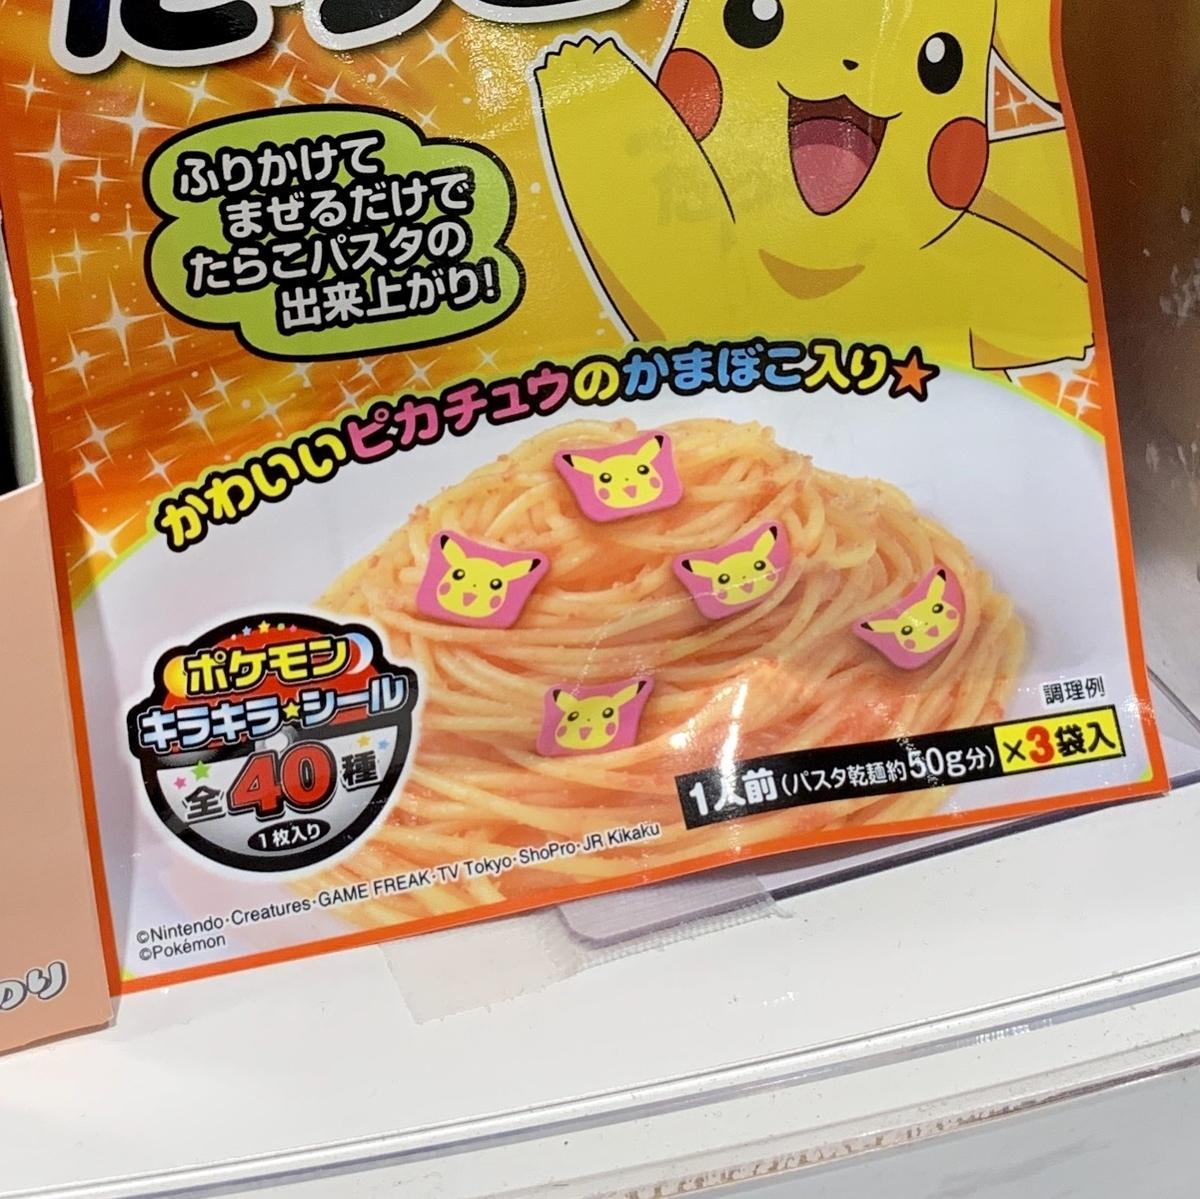 f:id:pikachu_pcn:20191014203651j:plain